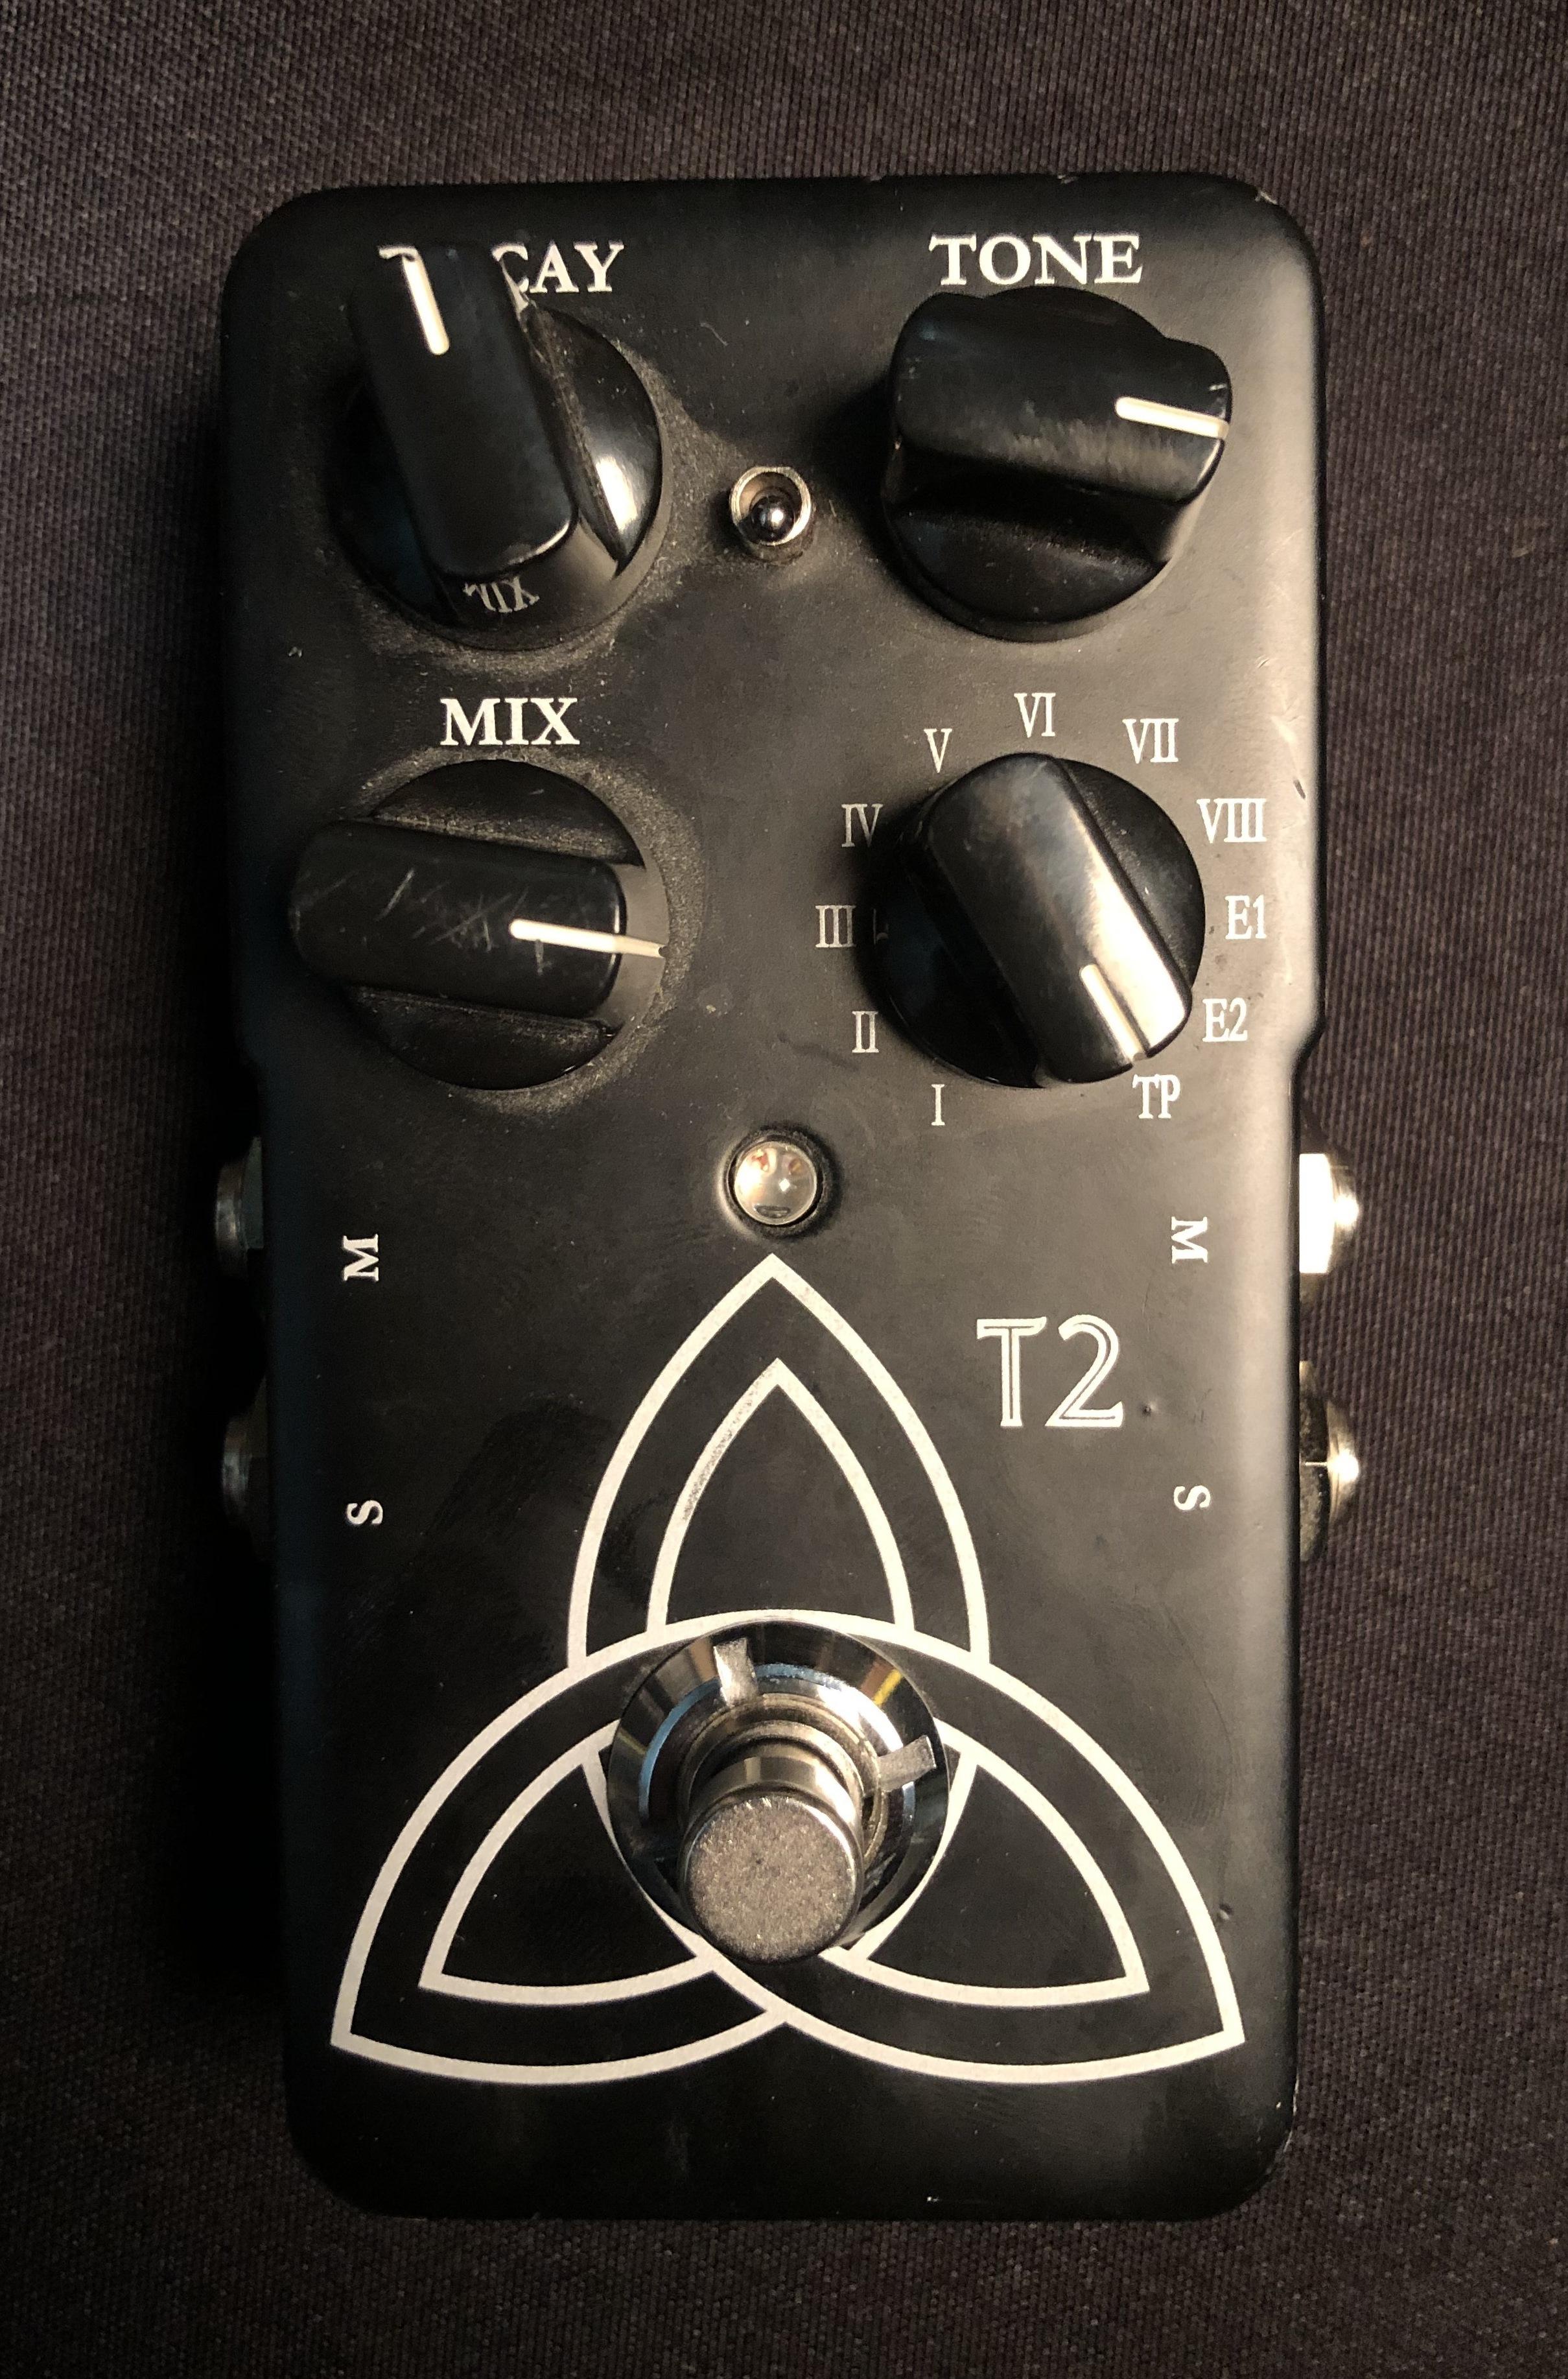 TC ELECTRONIC - T2 Reverb Pedal